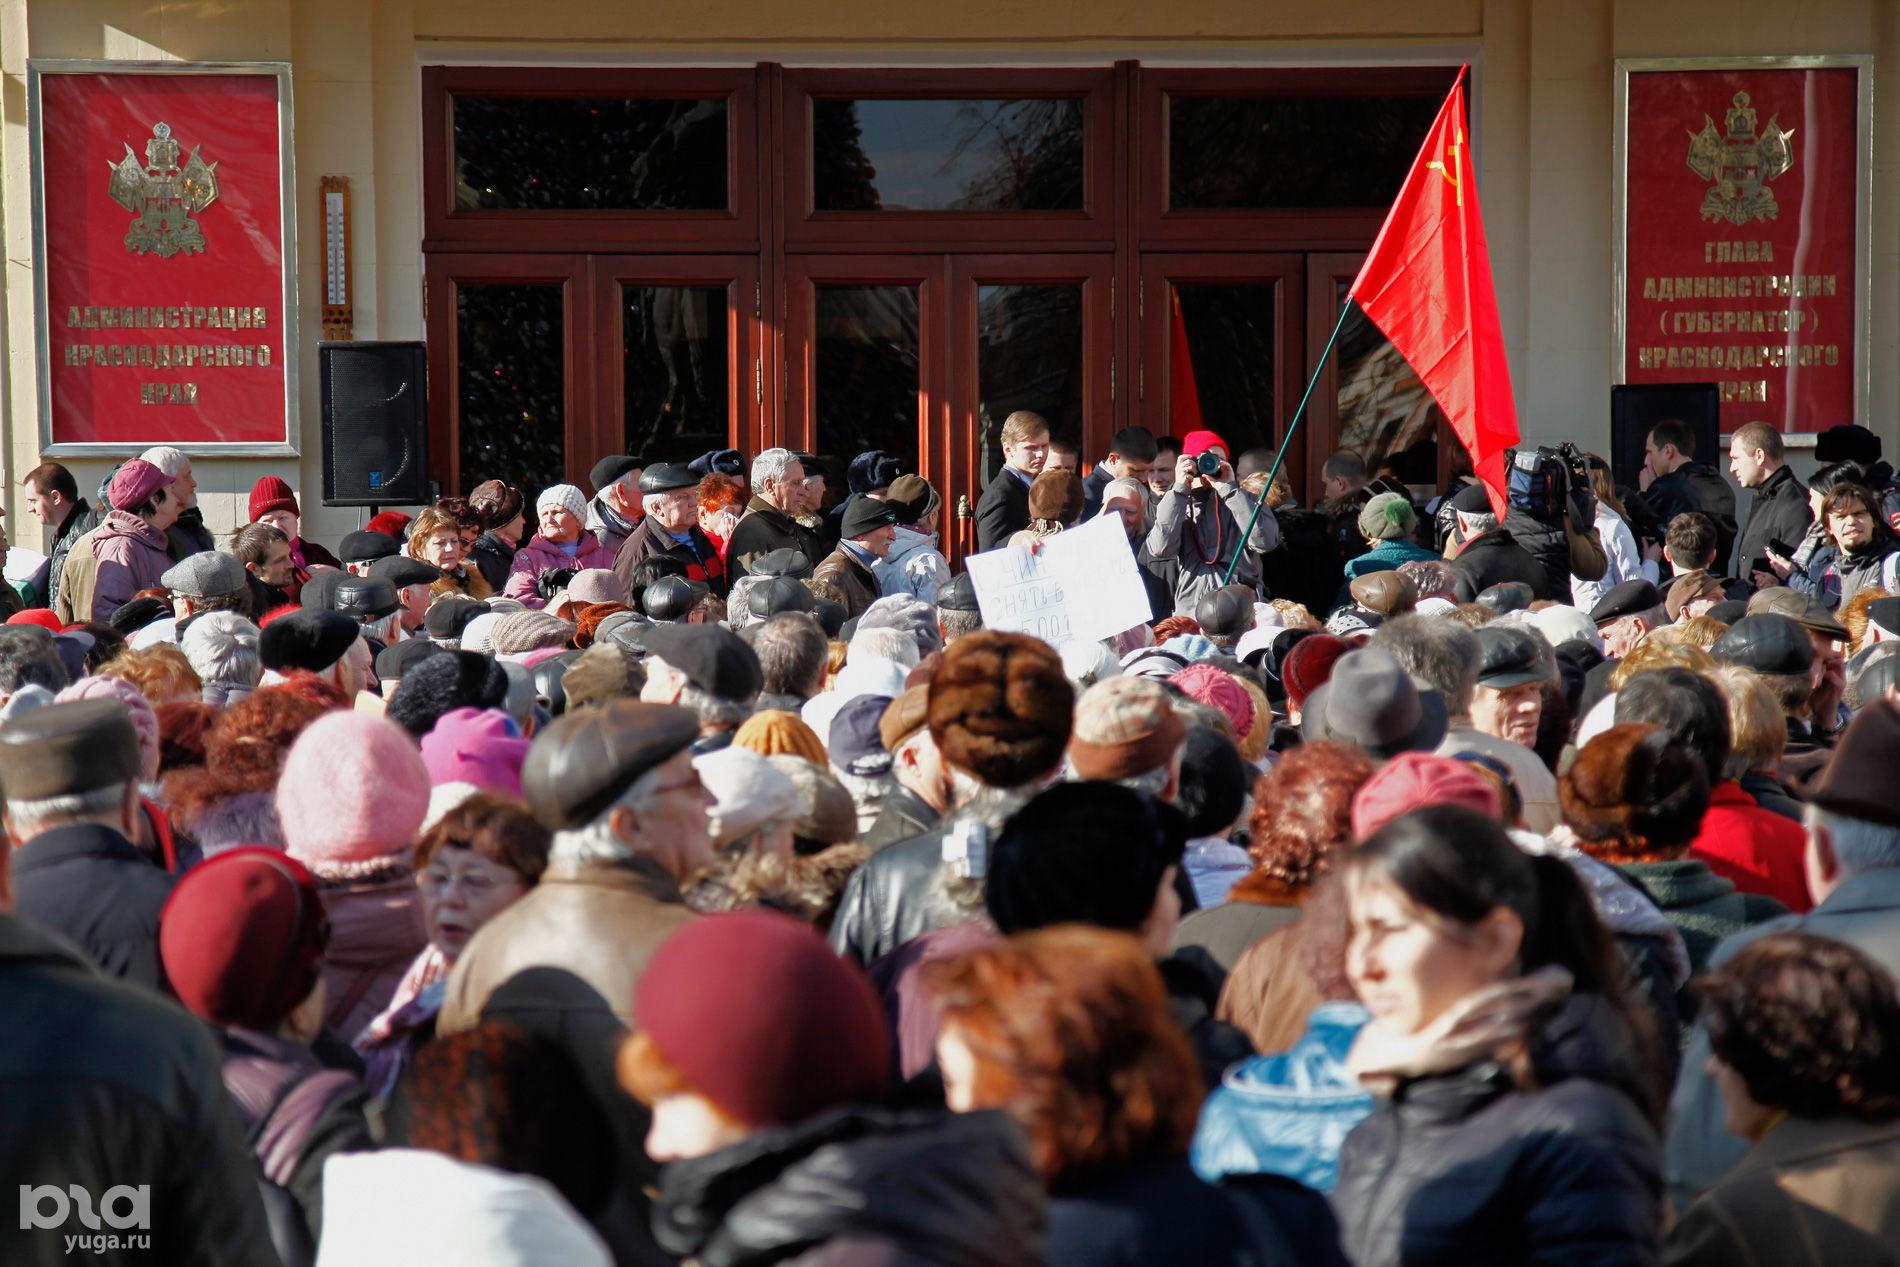 фото с митинга пенсионеров в краснодаре вот сама марина